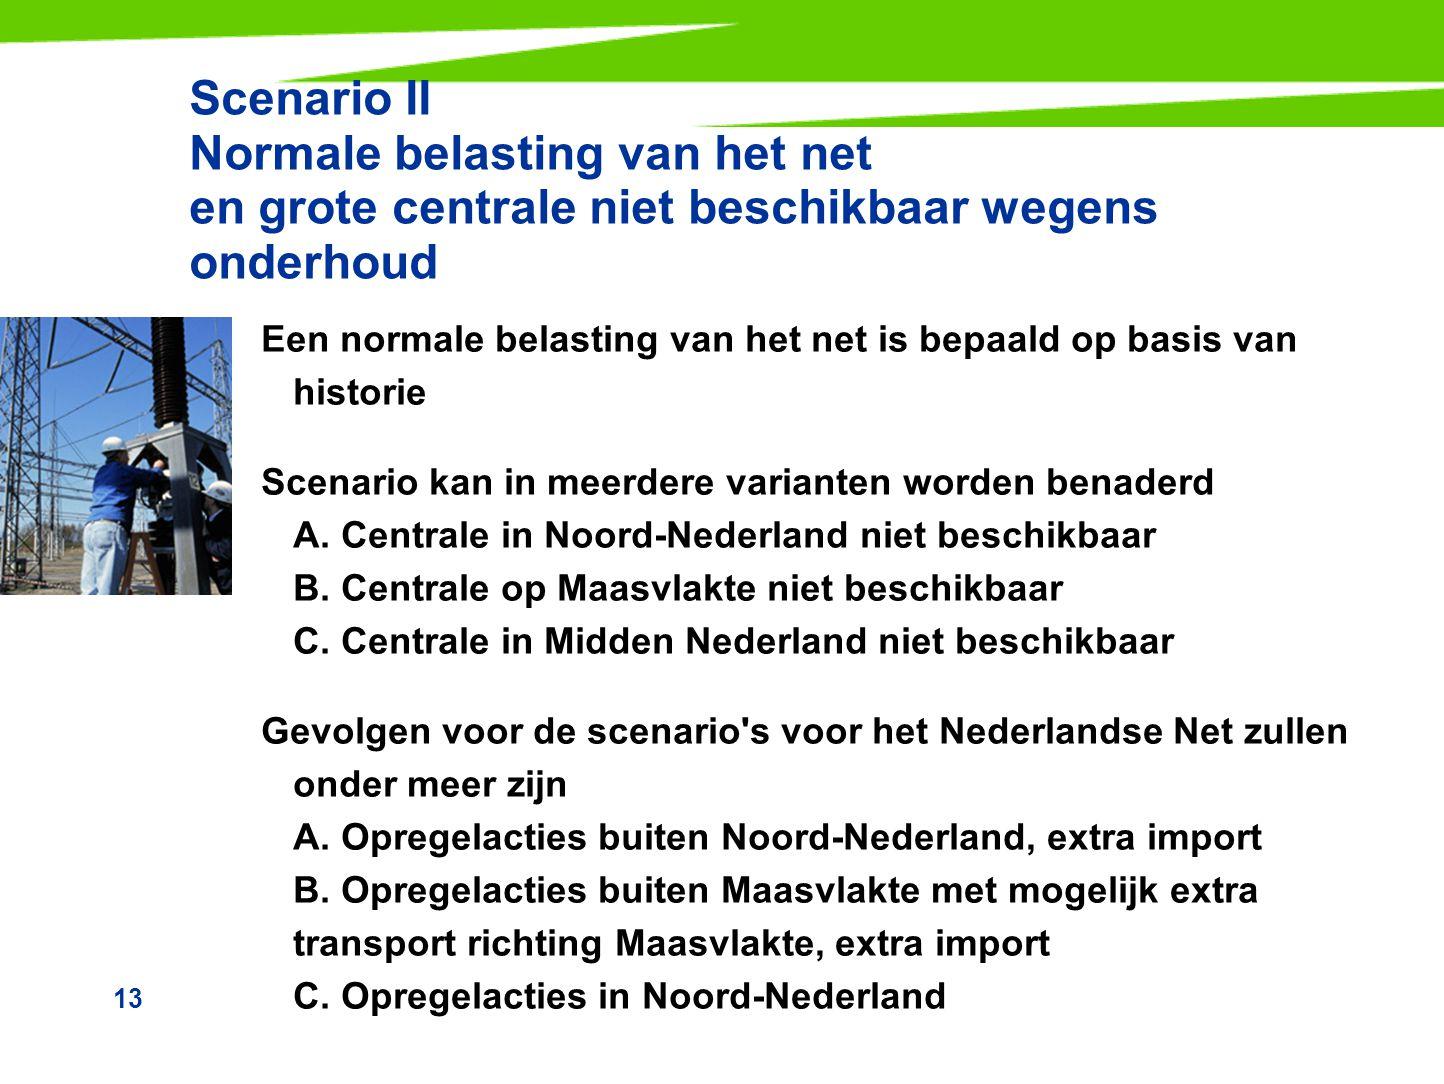 Scenario II Normale belasting van het net en grote centrale niet beschikbaar wegens onderhoud